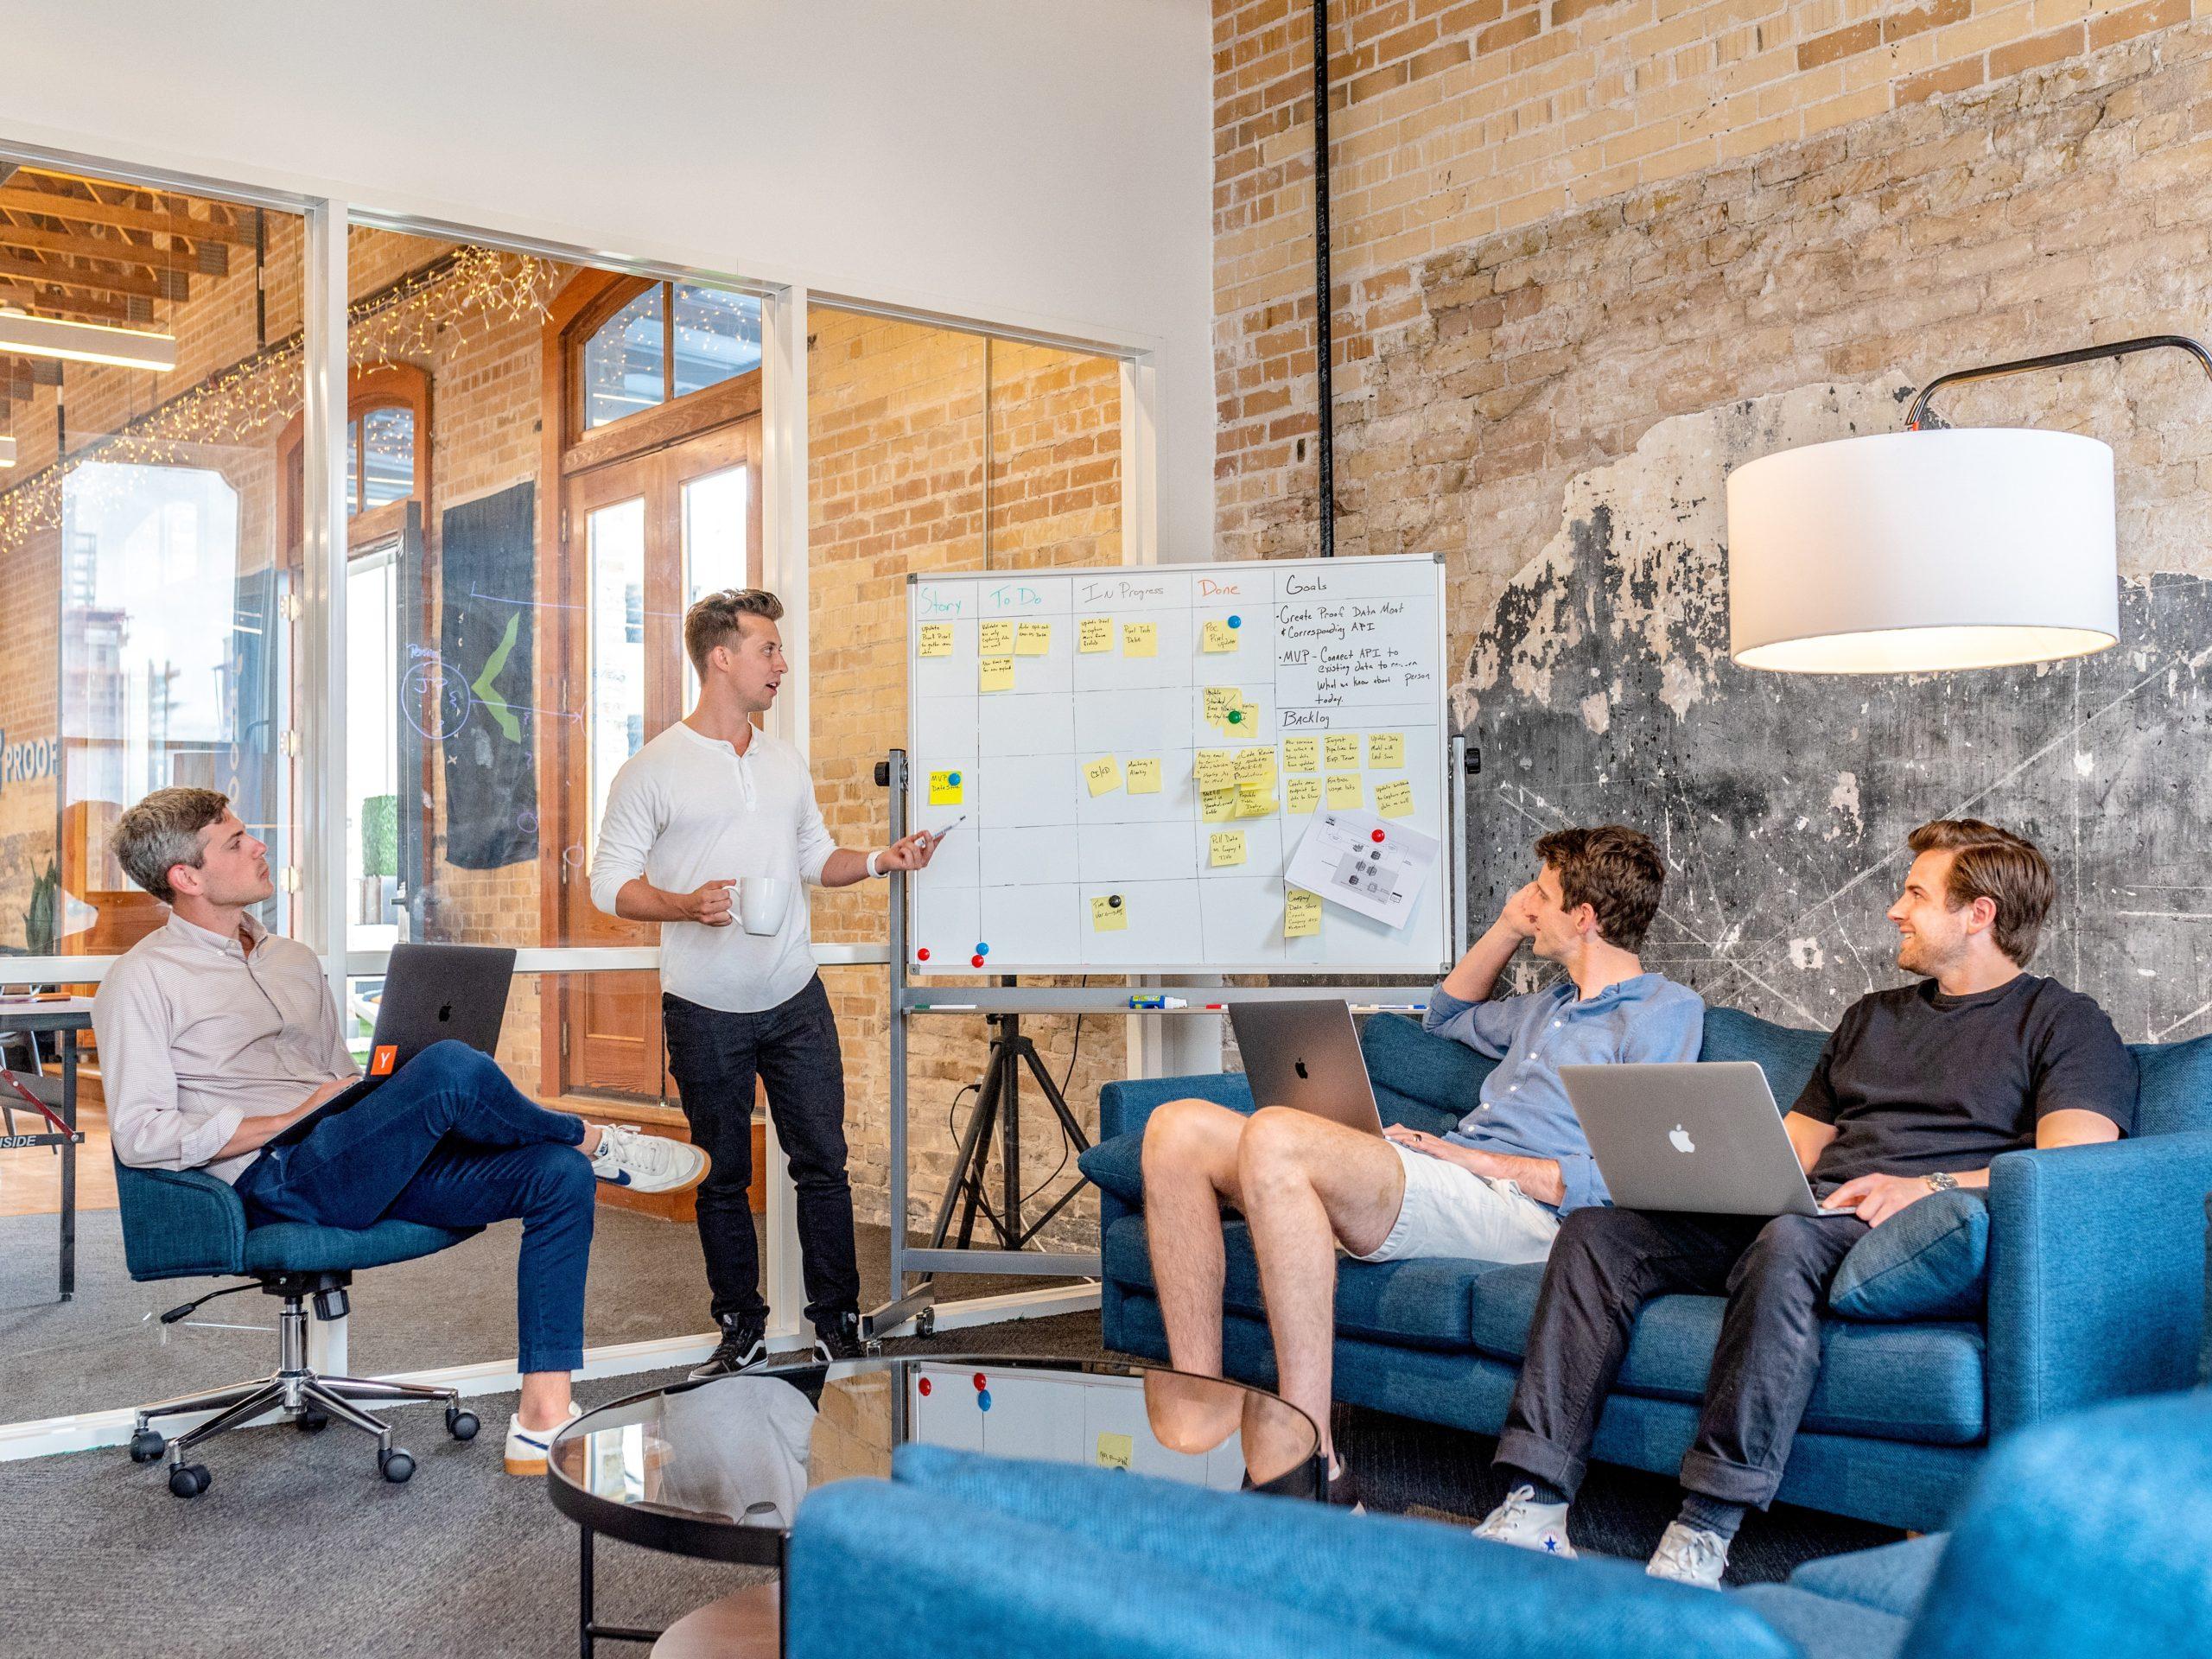 Les 5 KPIs importantes pour votre startups